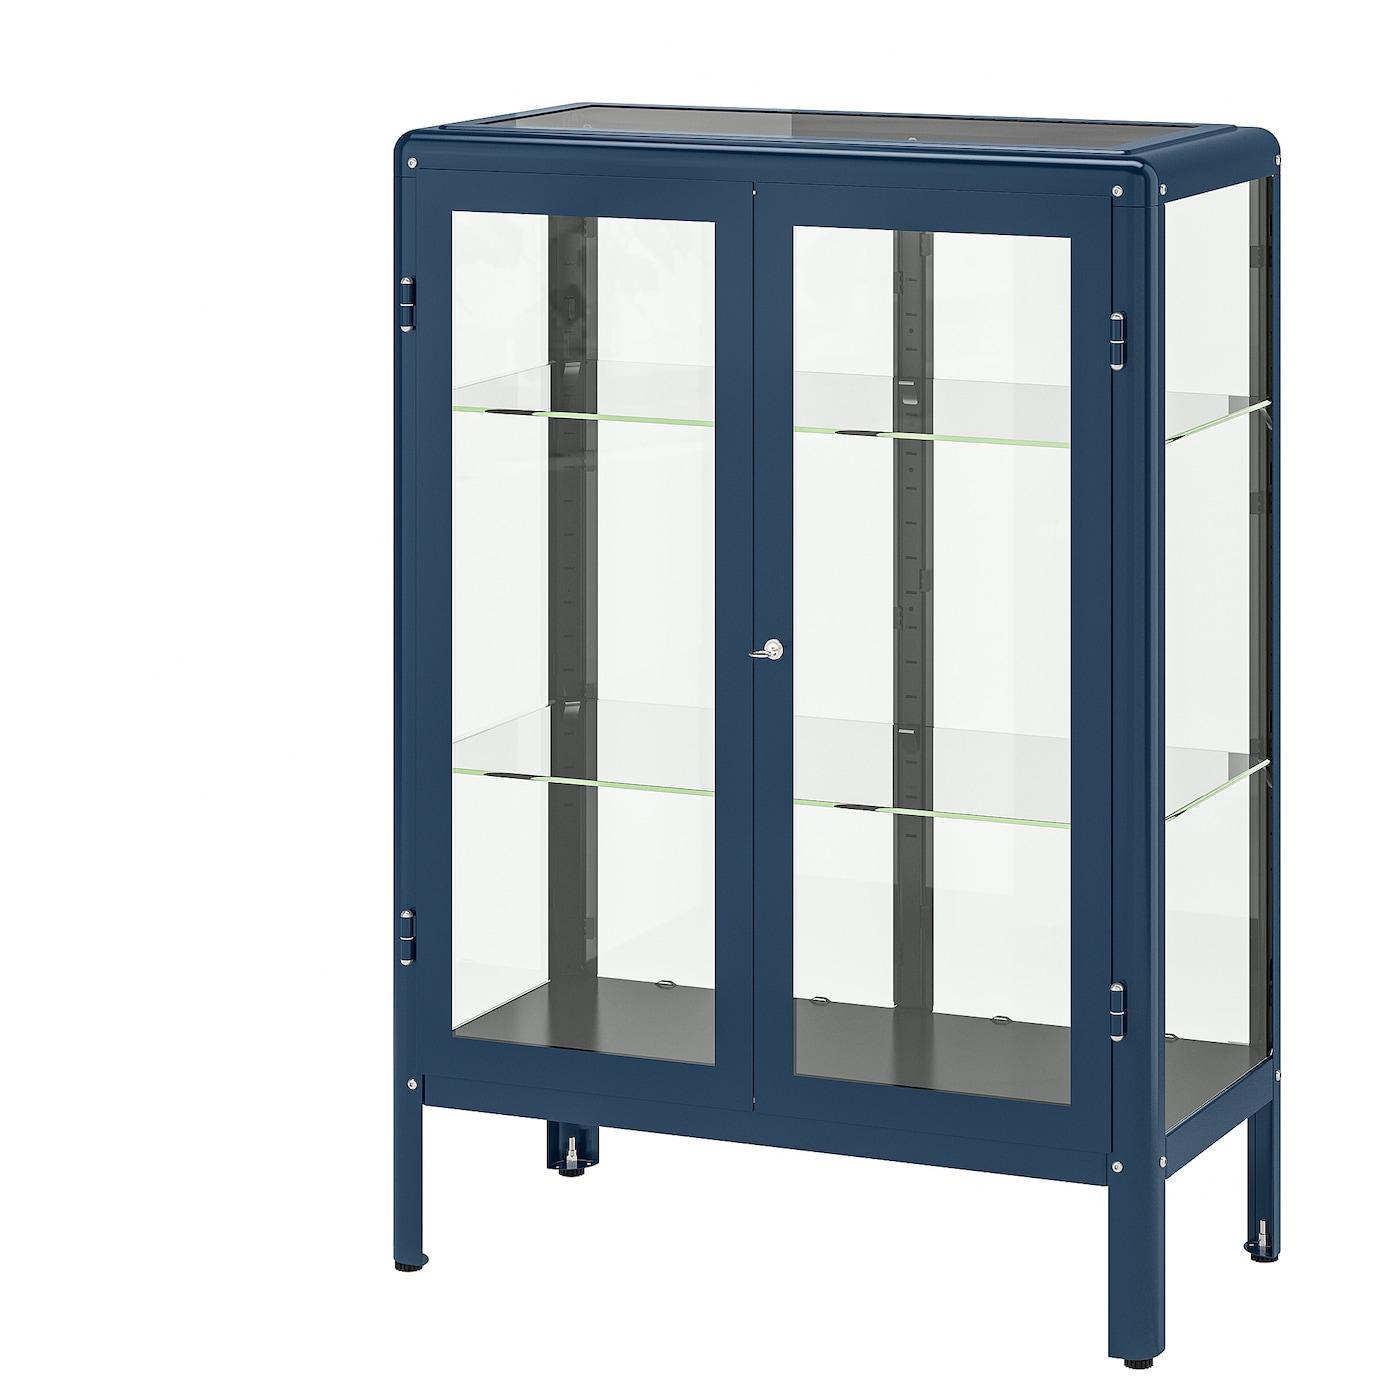 Glazen Vitrinekasten Te Koop Tweedehands.Vitrinekast Ikea